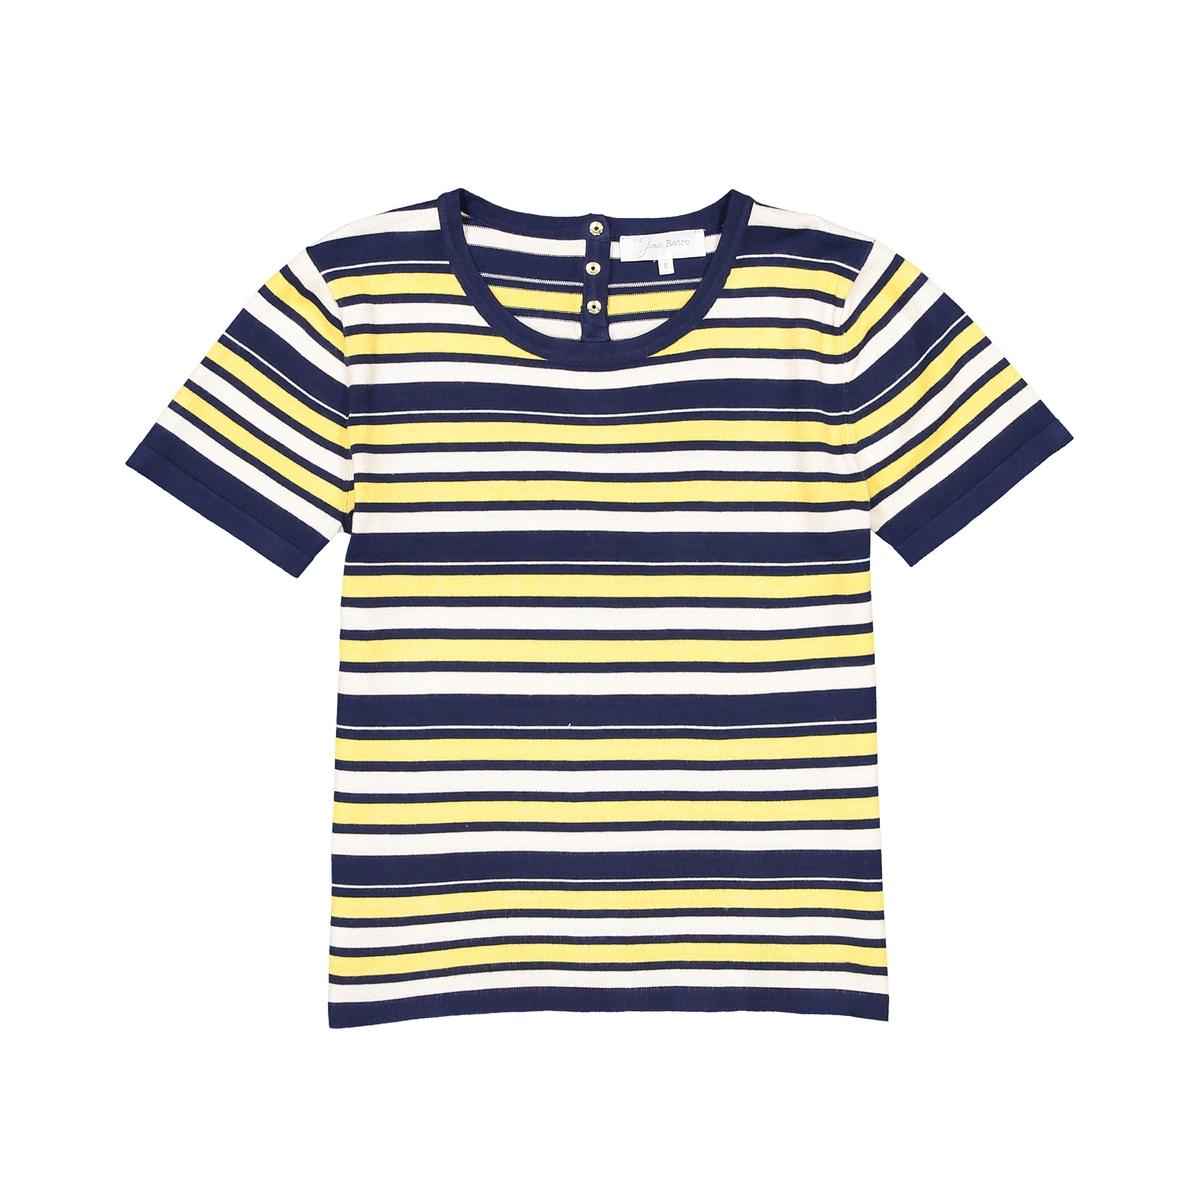 Пуловер с круглым вырезом из вискозыМатериал : 80% вискозы, 20% полиамида Длина рукава : короткие рукава Форма воротника : круглый вырез Покрой пуловера : стандартный Рисунок : в полоску<br><br>Цвет: темно-синий/ желтый<br>Размер: M